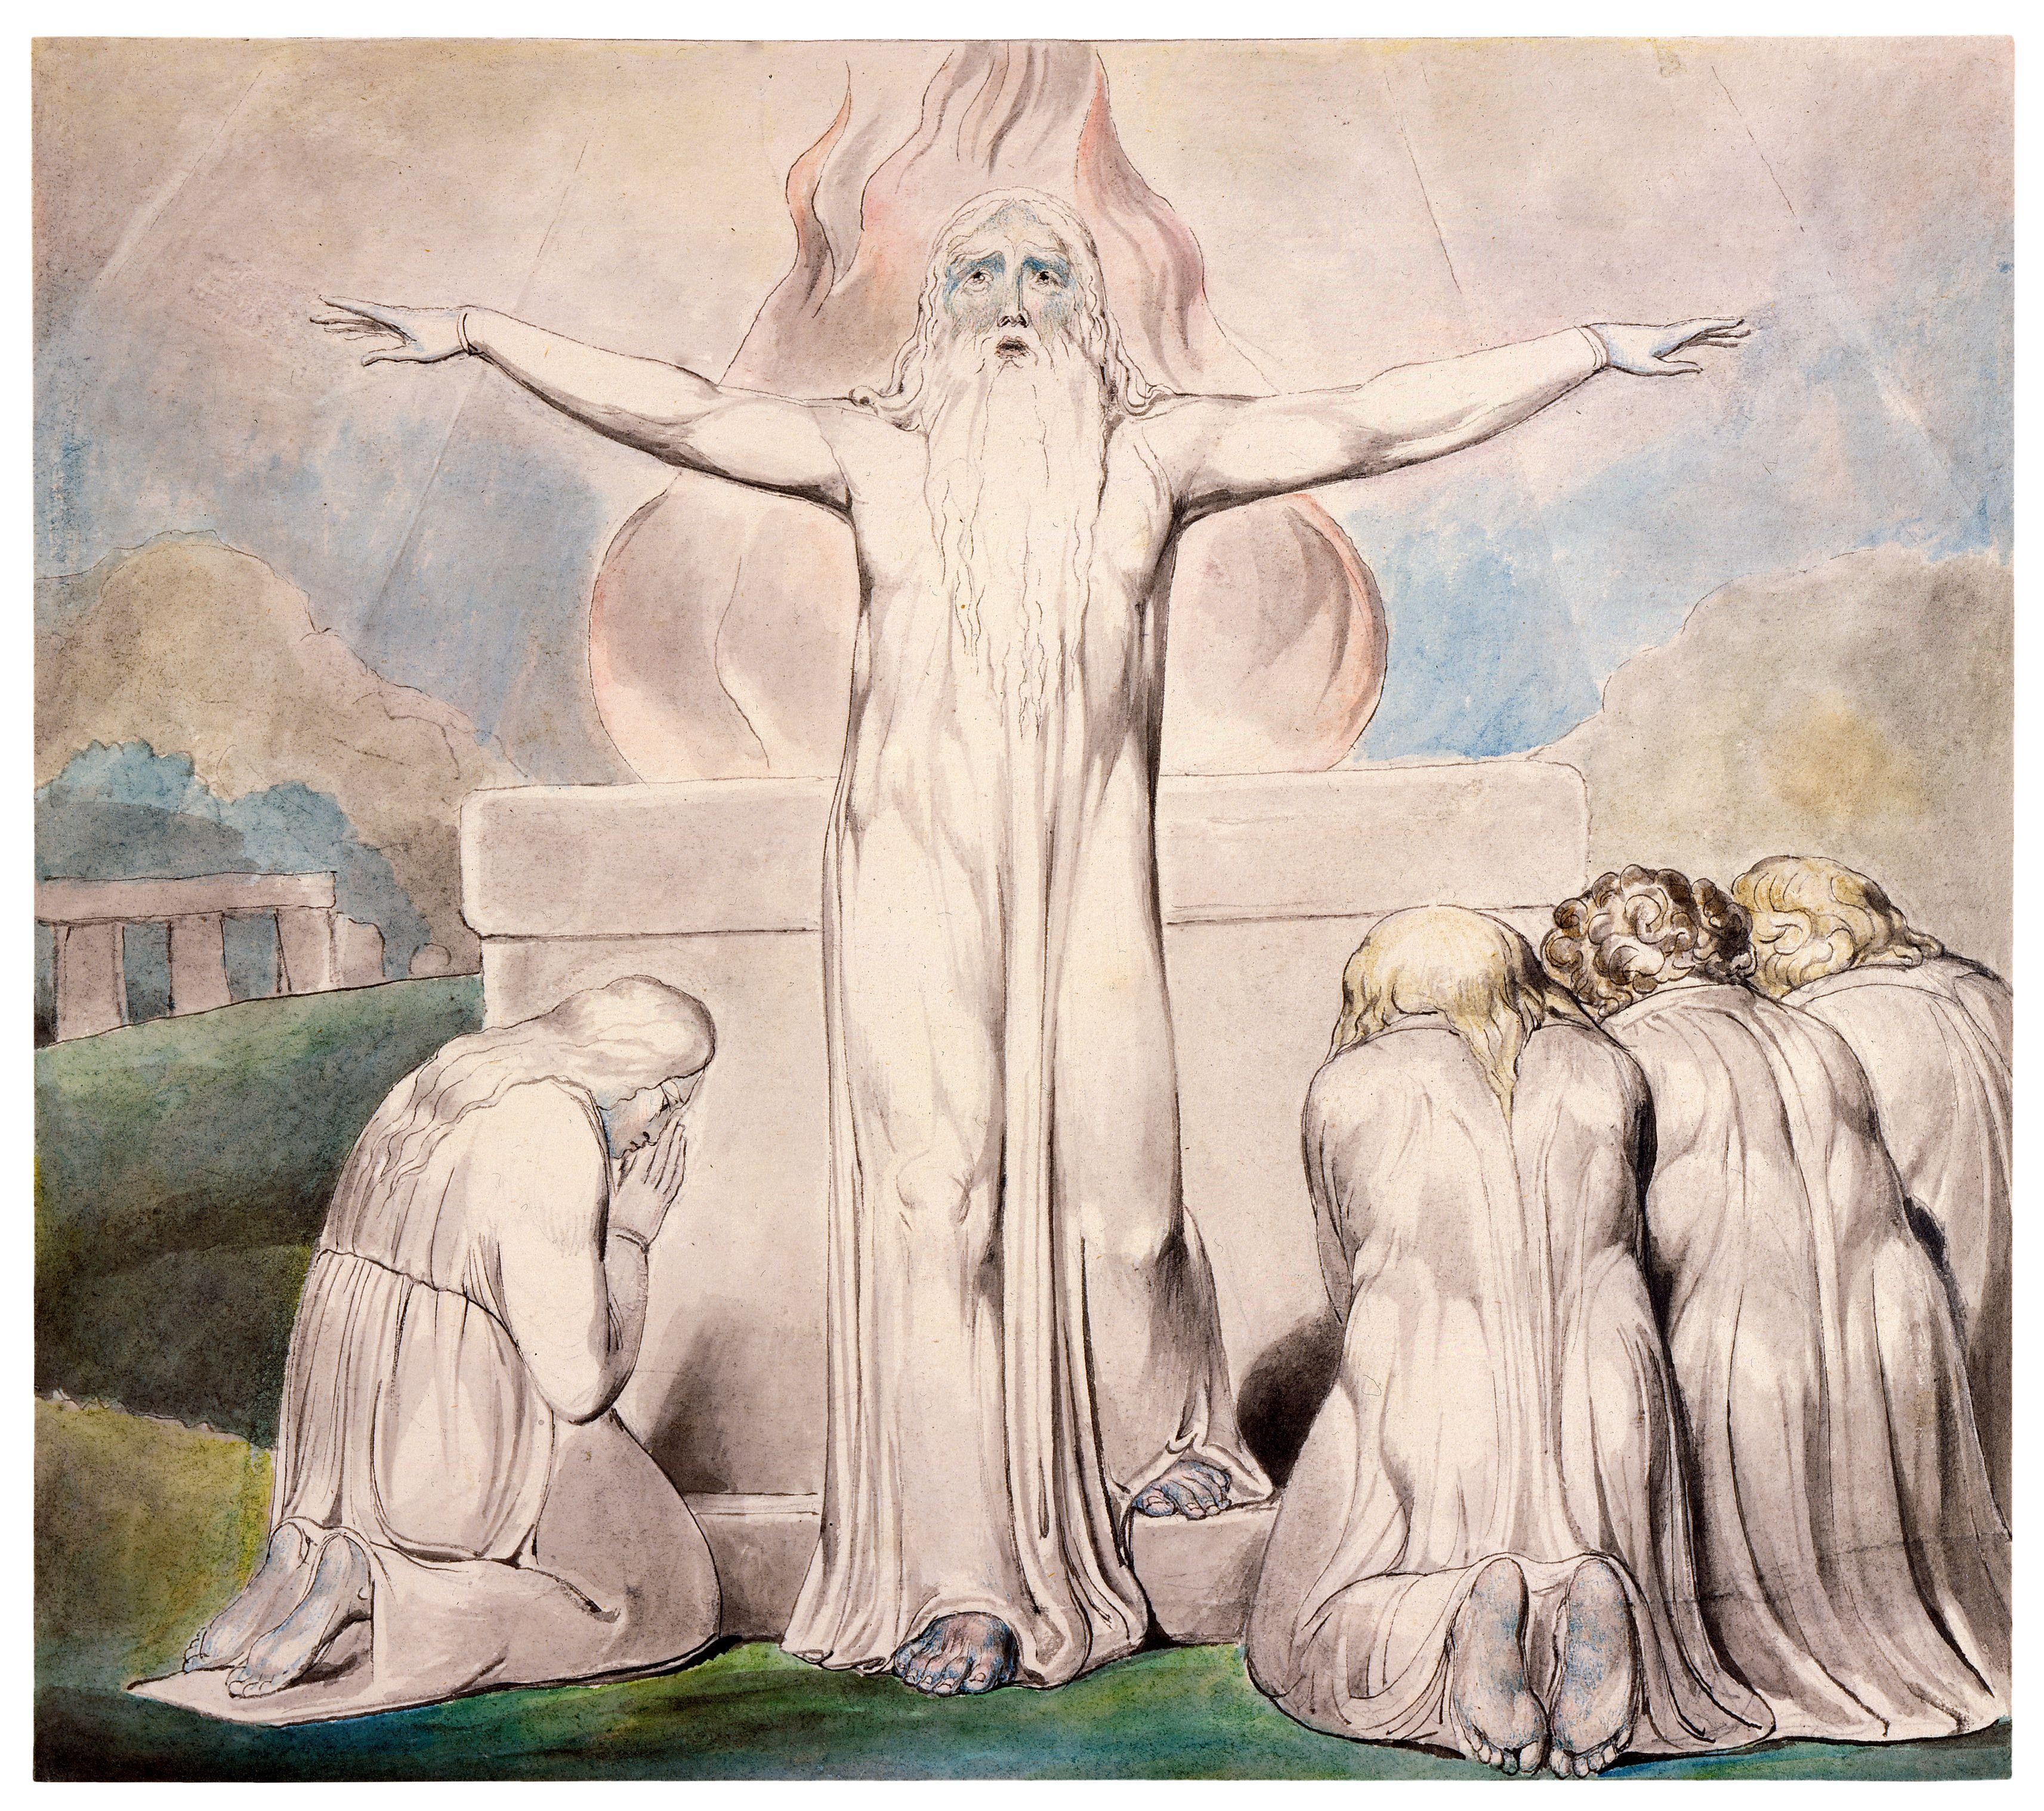 上图:英国诗人、画家威廉·布莱克(William Blake,1757-1827年)的版画《约伯的献祭 Job's Sacrifice》,描绘「我的仆人约伯就为你们祈祷」(伯四十二8)。